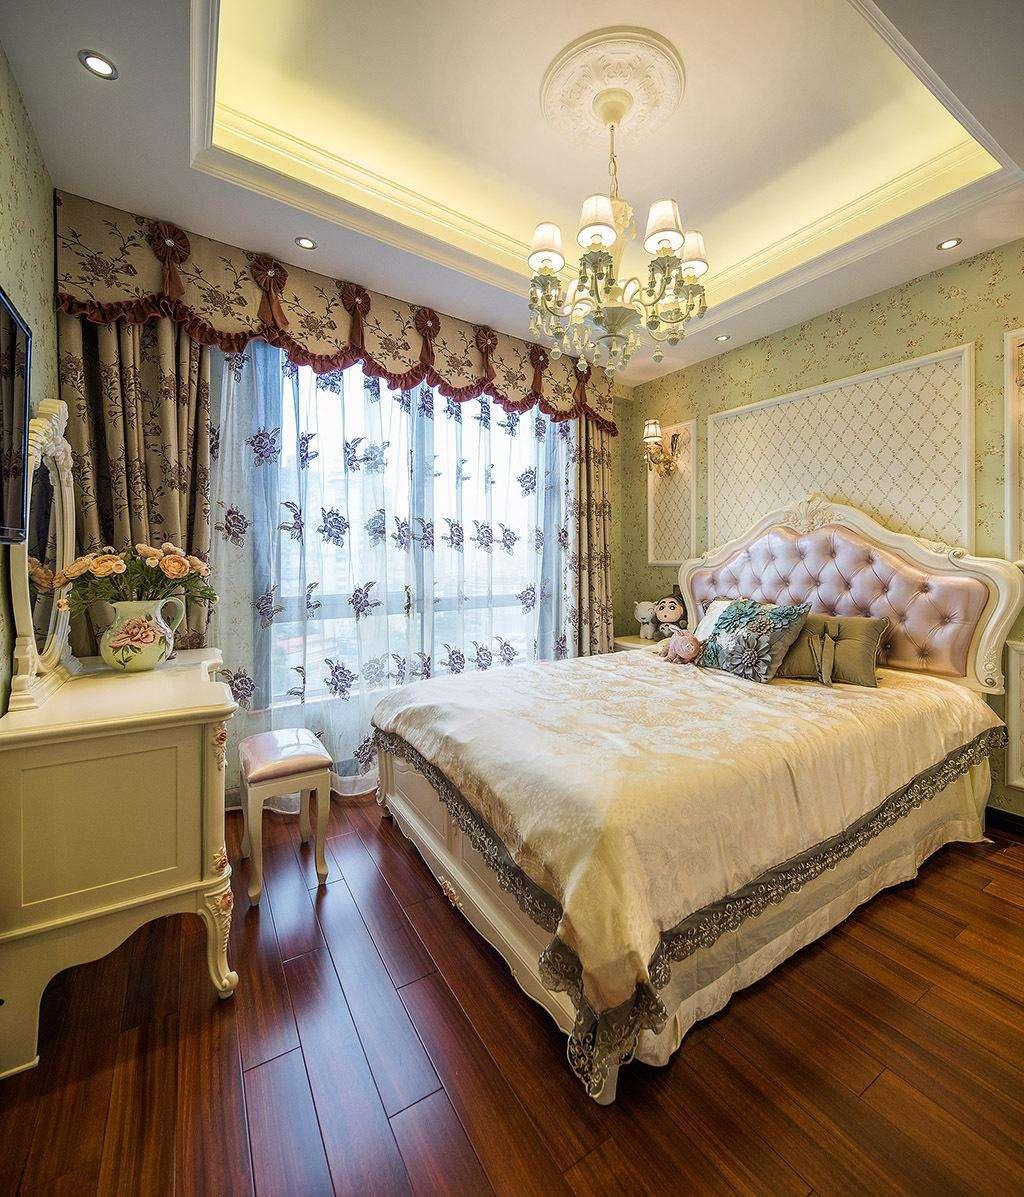 浪漫精美欧式风格卧室效果图大全